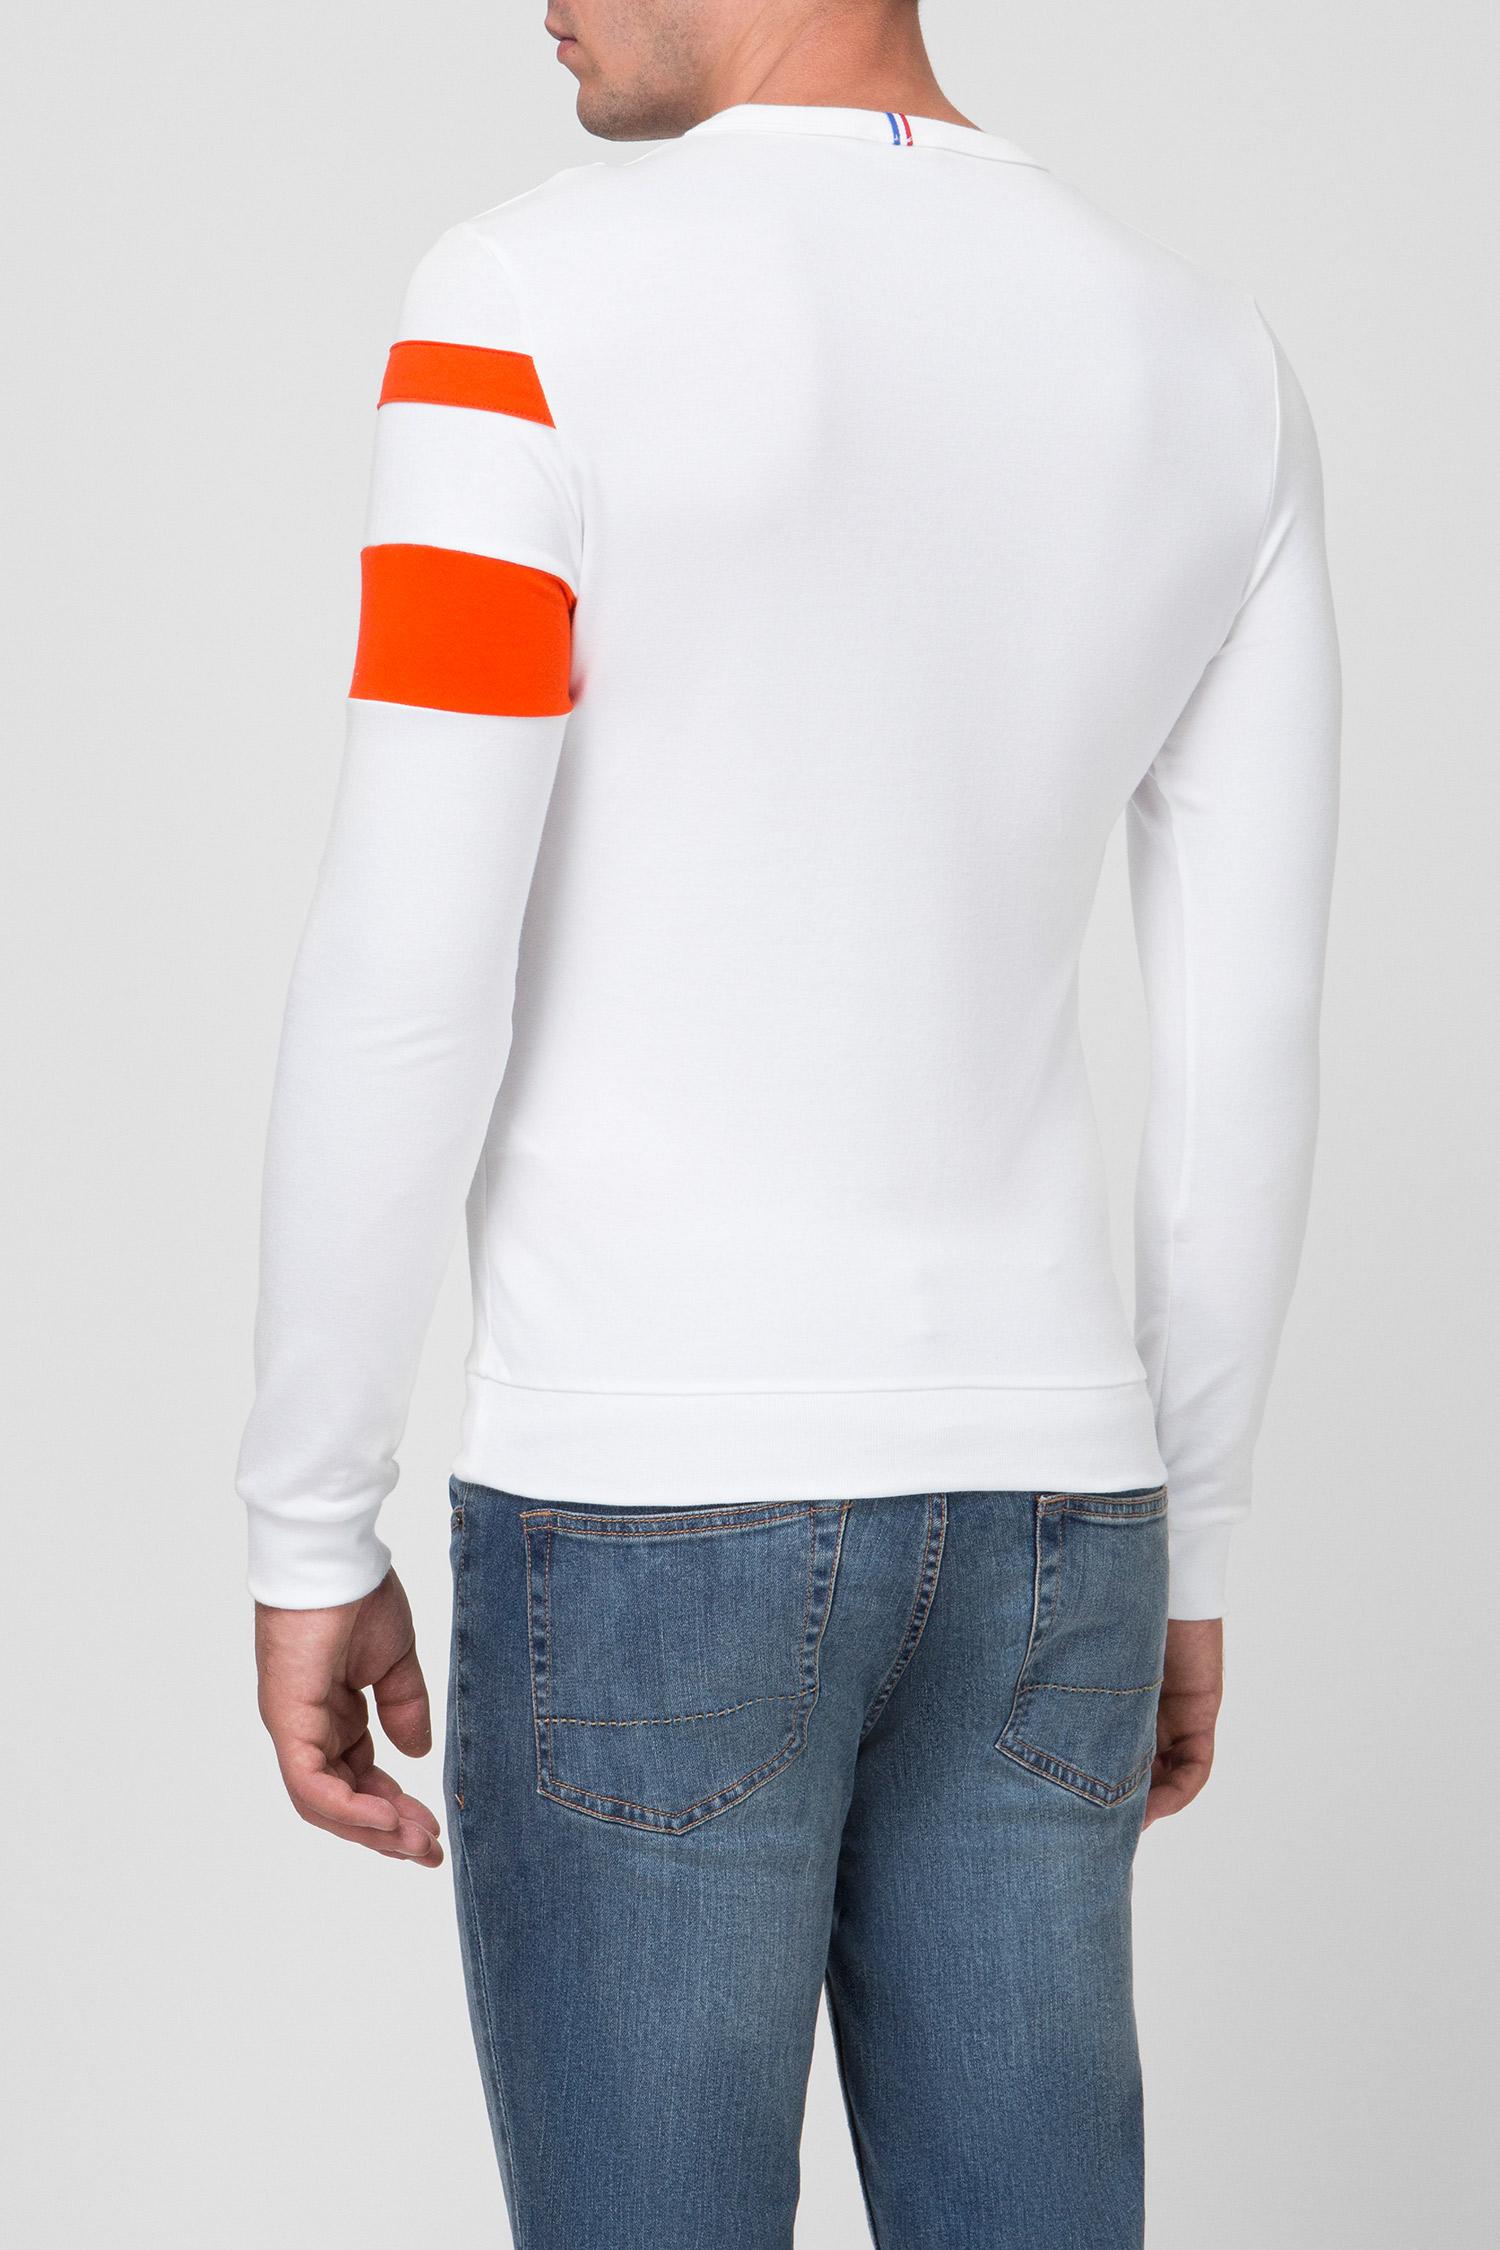 Купить Мужской белый свитшот ESS SAISON CREW SWEAT N3 Le Coq Sportif Le Coq Sportif 1911306-LCS – Киев, Украина. Цены в интернет магазине MD Fashion